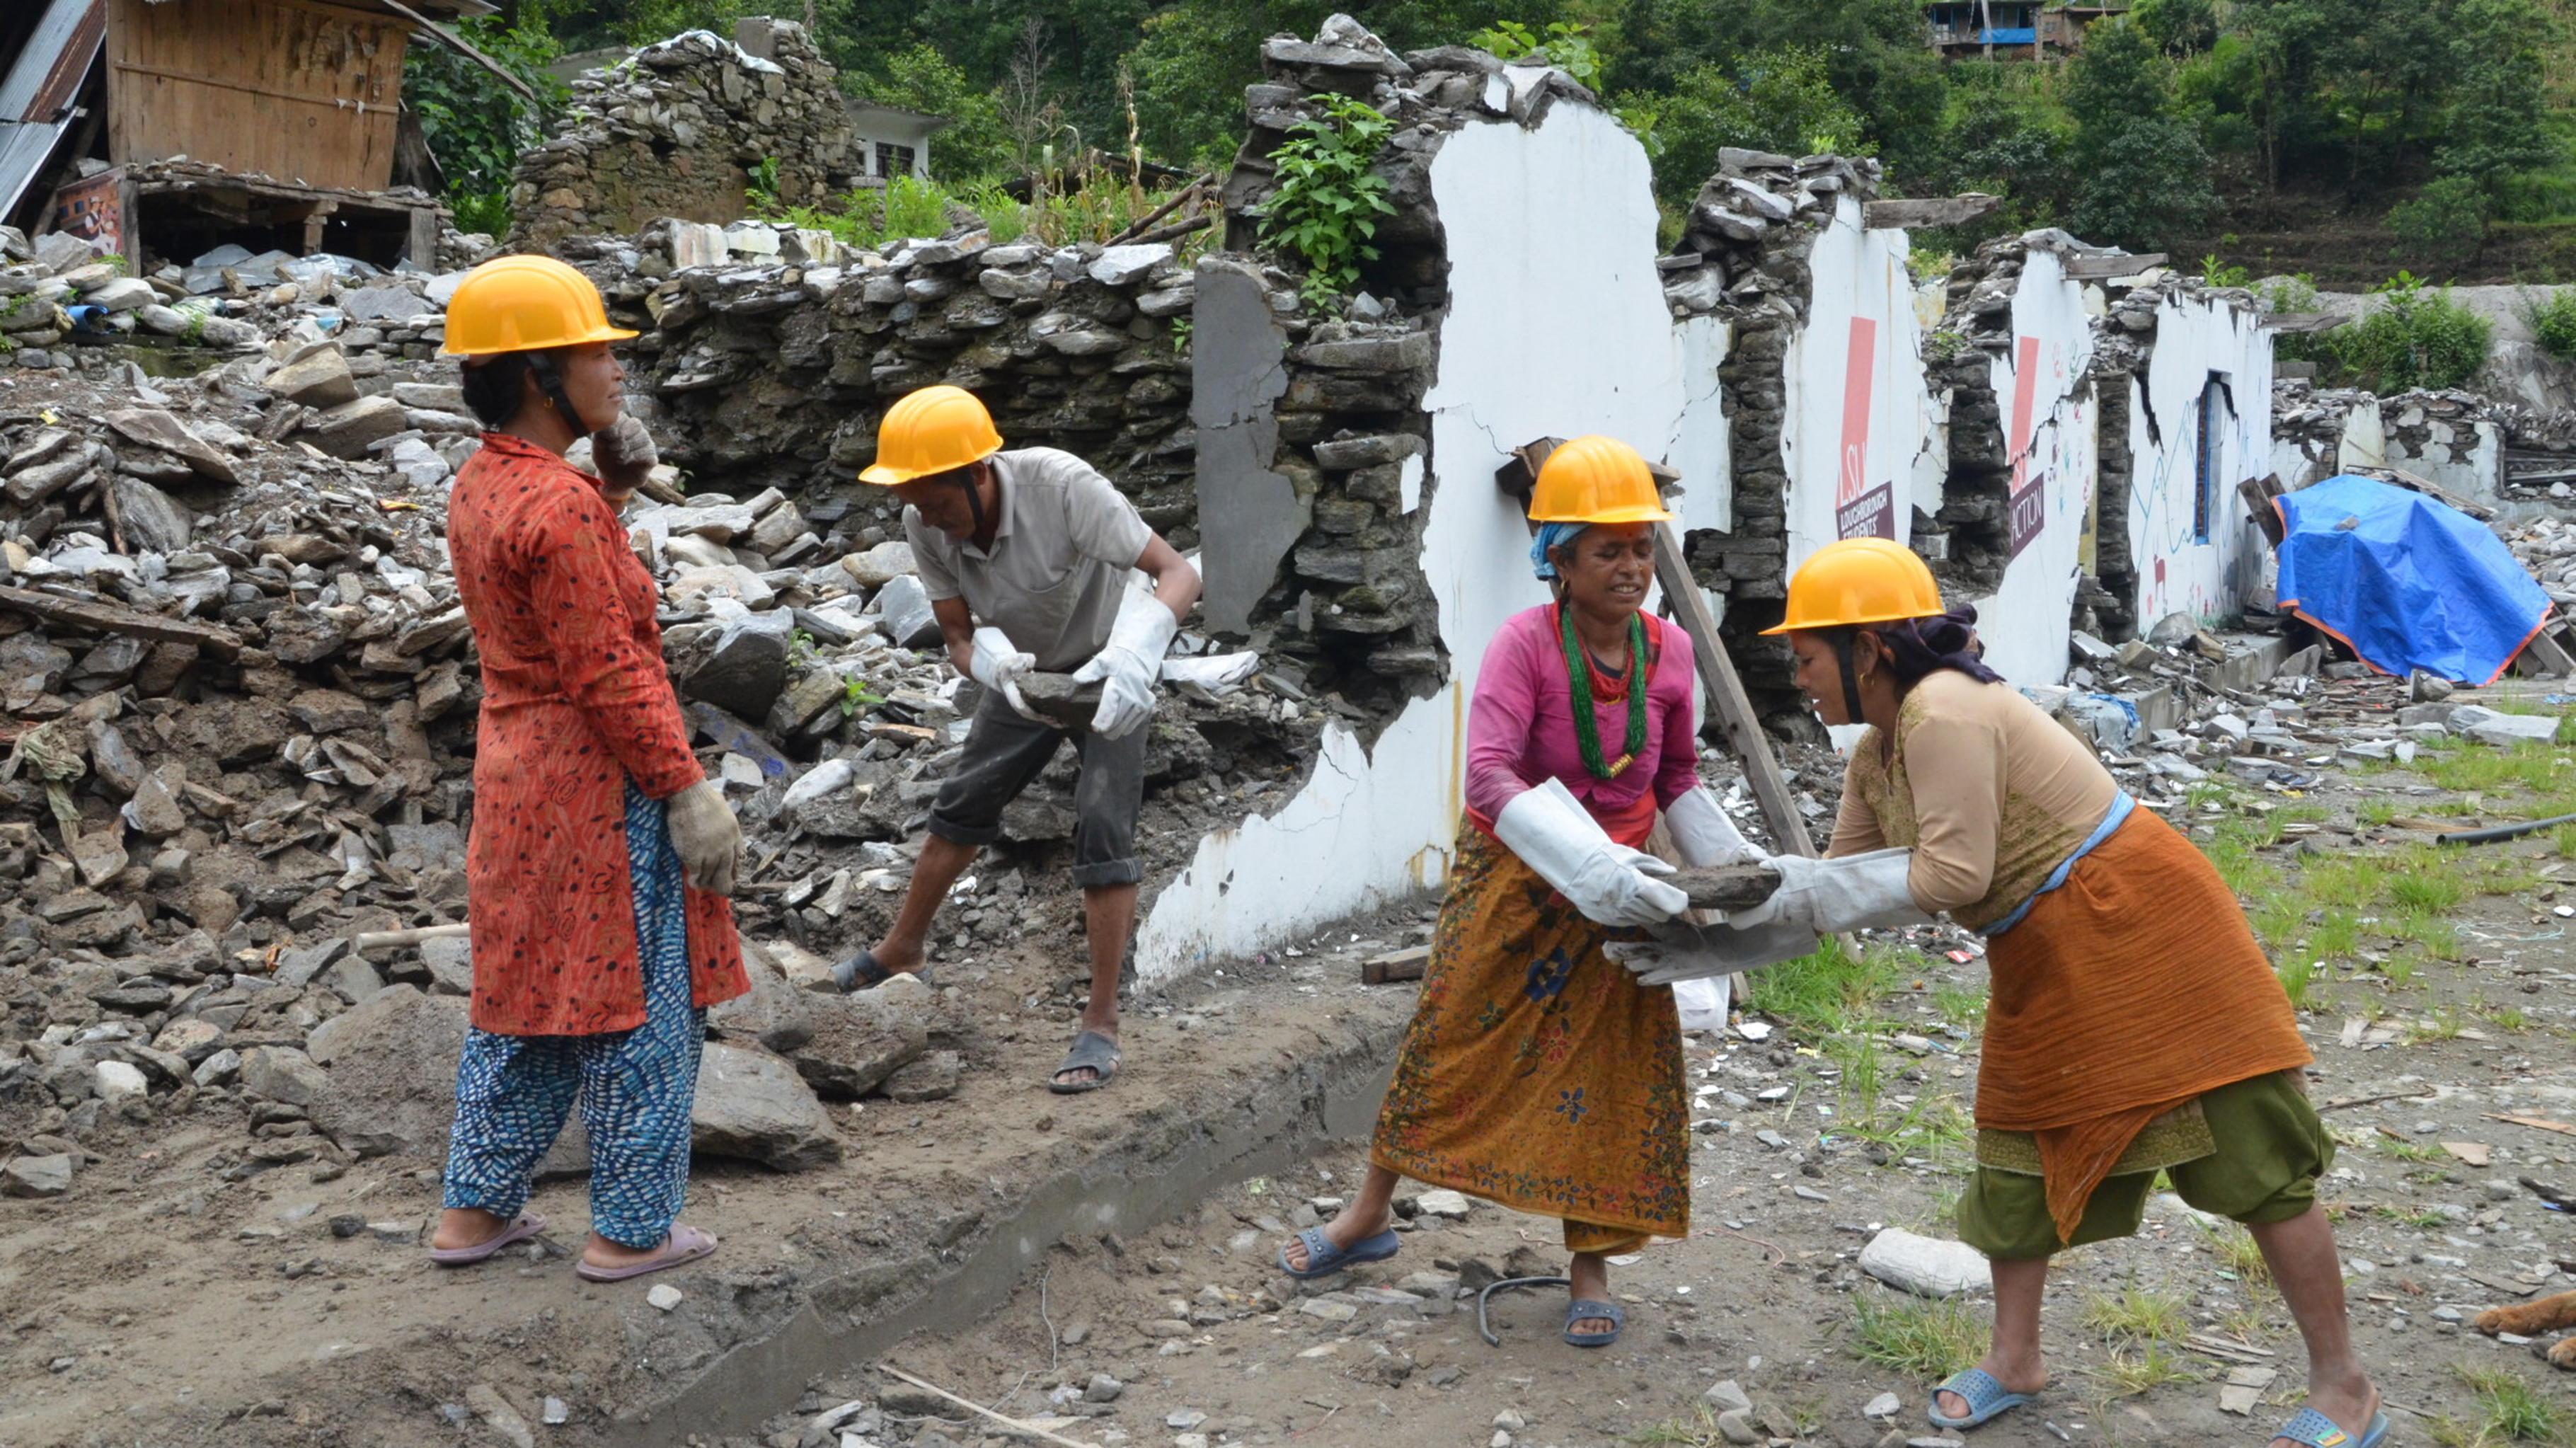 Frauen bauen eine Strasse, die vom Erdbeben in Nepal zerstört wurde.